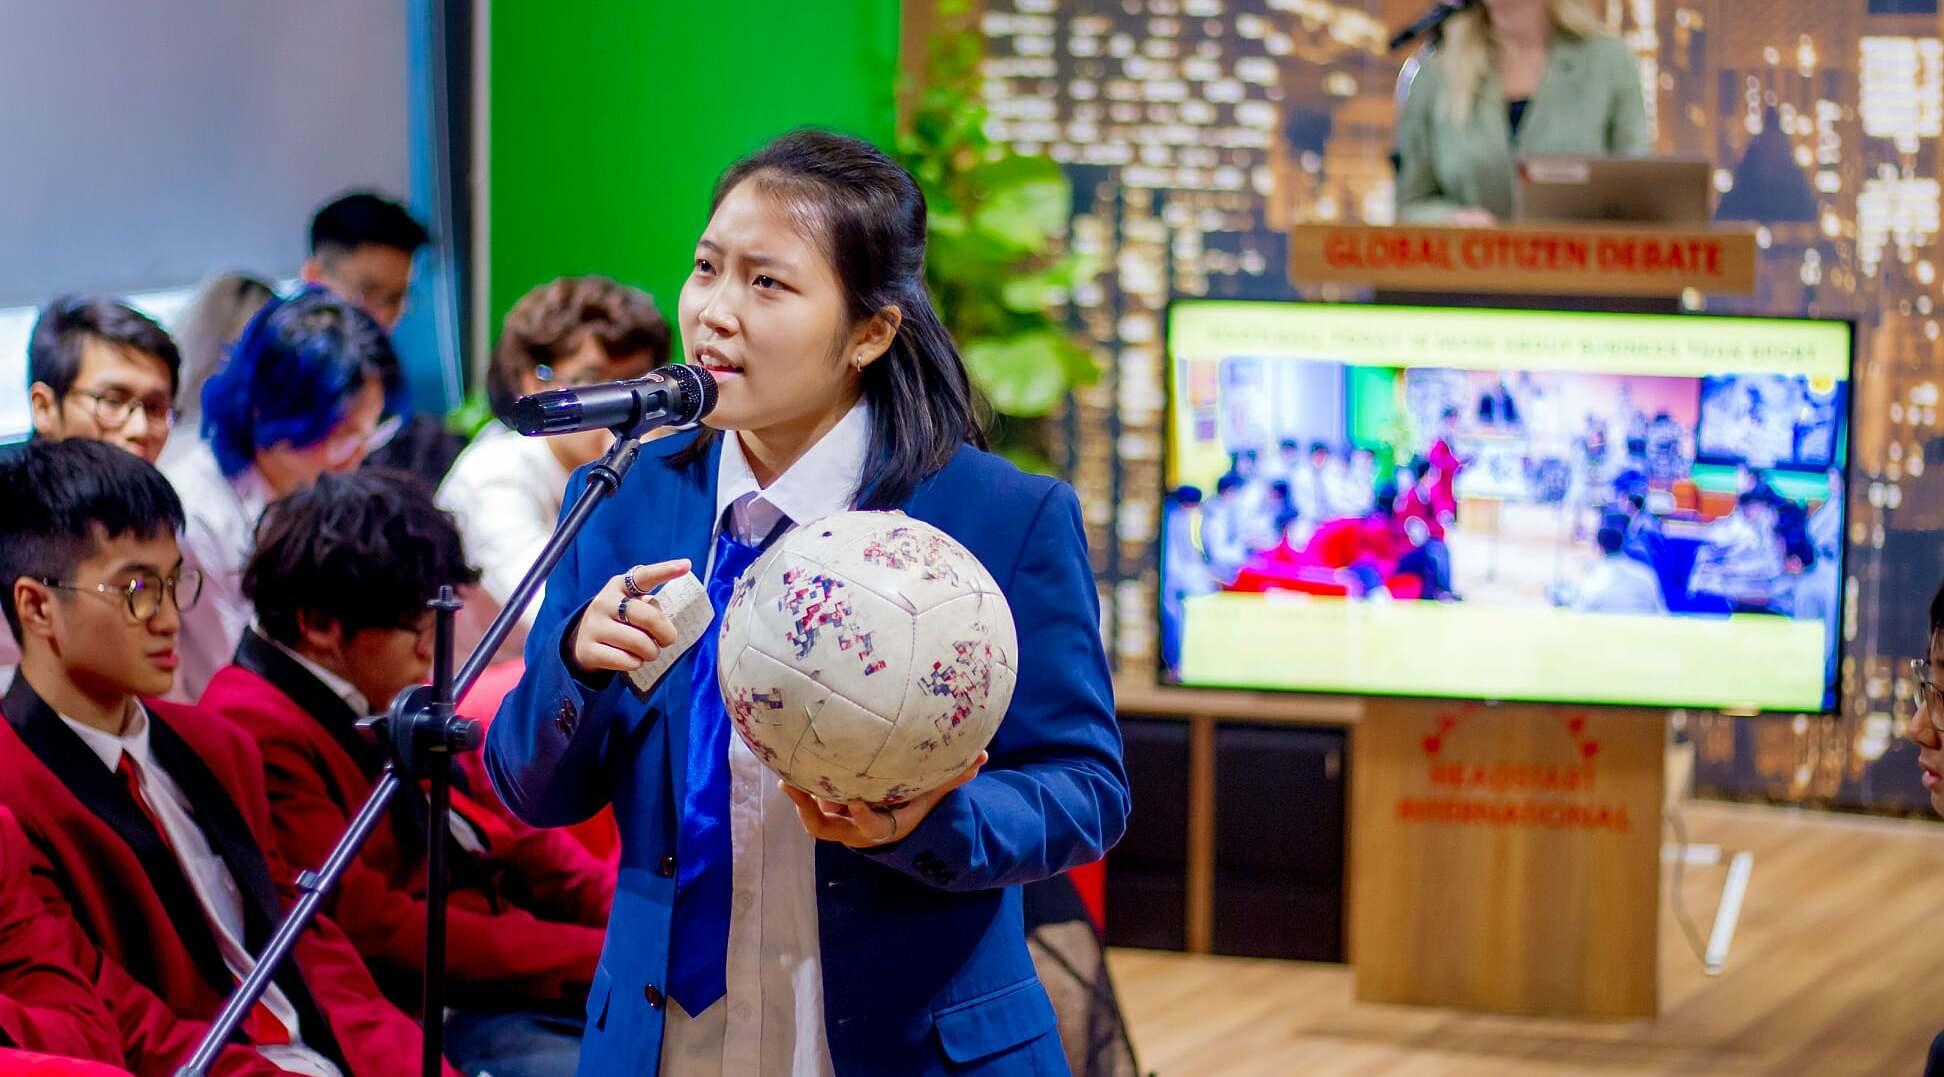 Cuộc thi The Debate Challenge giúp học sinh THPT phát triển tư duy, sáng tạo, tìm hiểu kiến thức. Ảnh: Little Australia